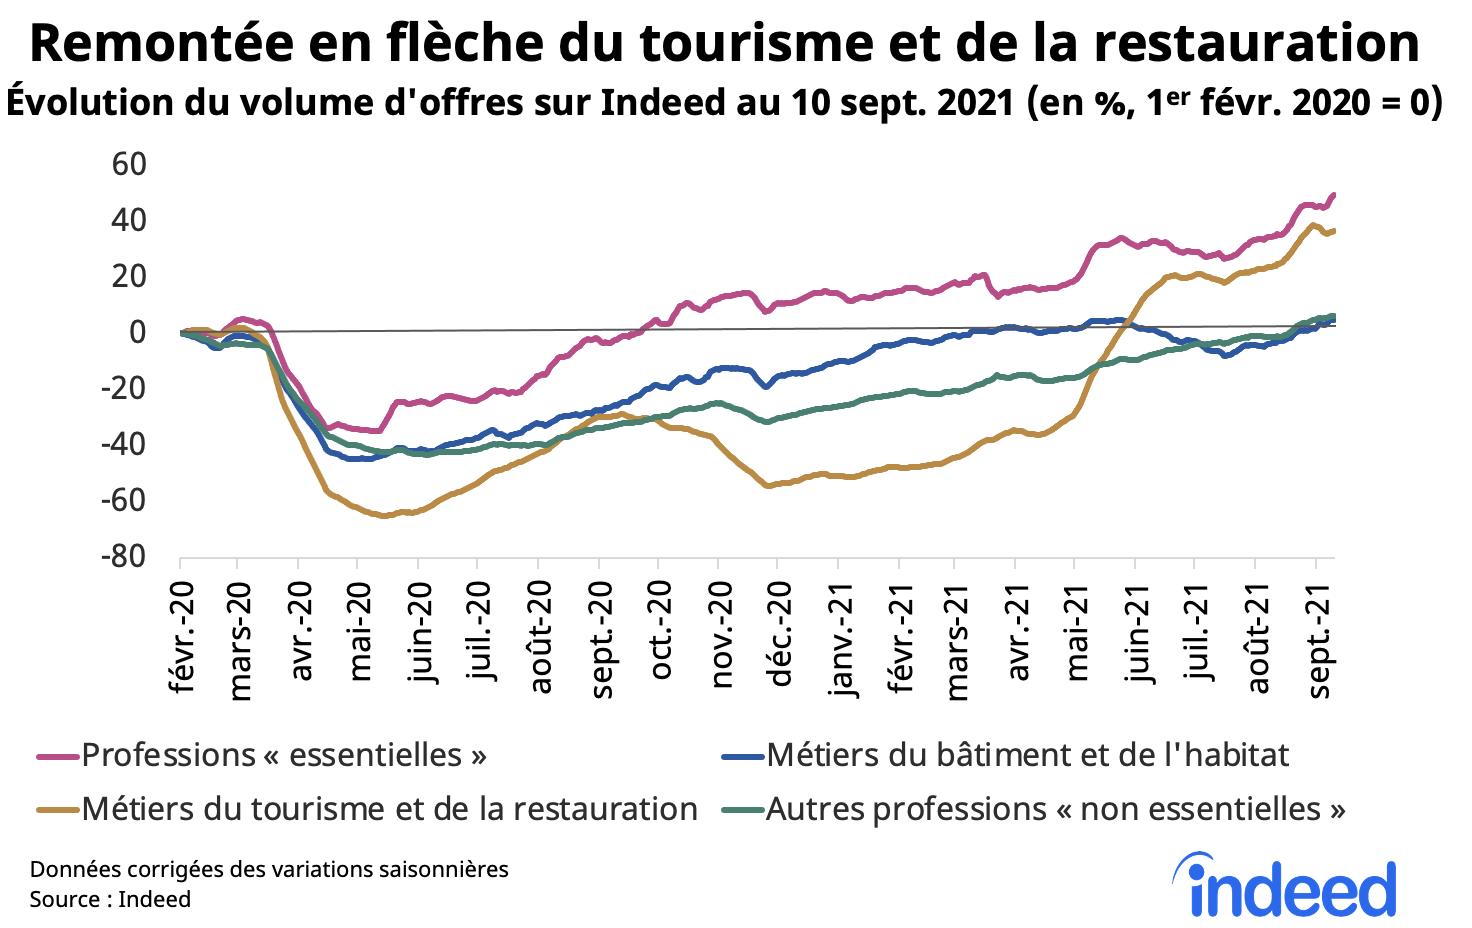 Le graphique en courbes illustre la reprise des recrutements en France dans différents secteurs et l'évolution, en pourcentage, du volume d'offres au 10 septembre 2021.